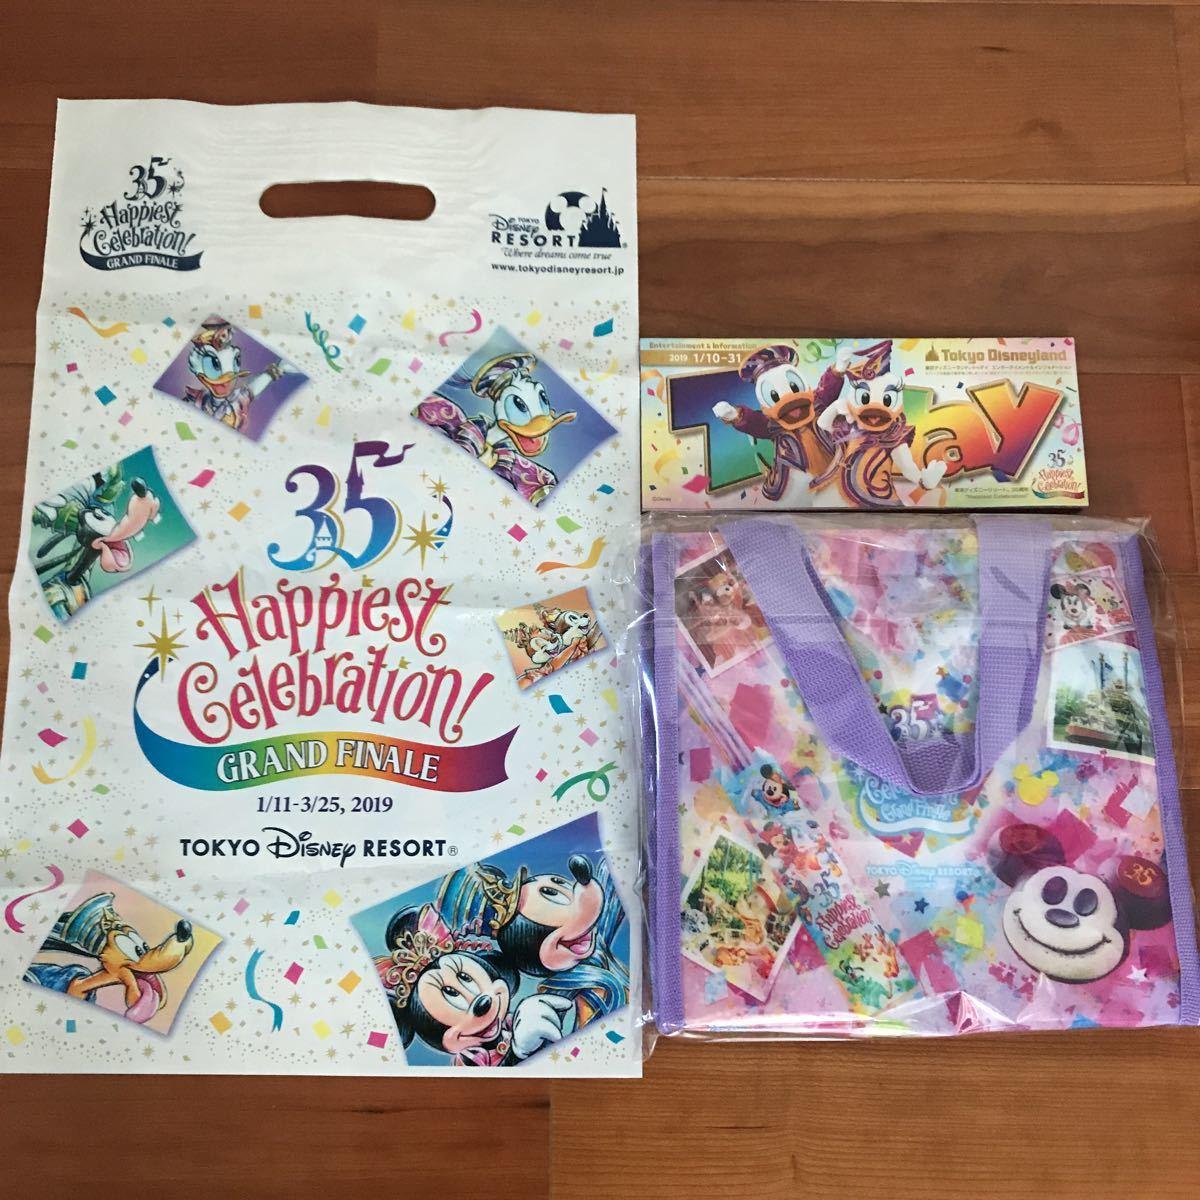 新品未開封 東京ディズニーランド ランチケース 35周年 ハピエストセレブレーション グランドフィナーレ TODAY&ショッパー付 Disney_画像1